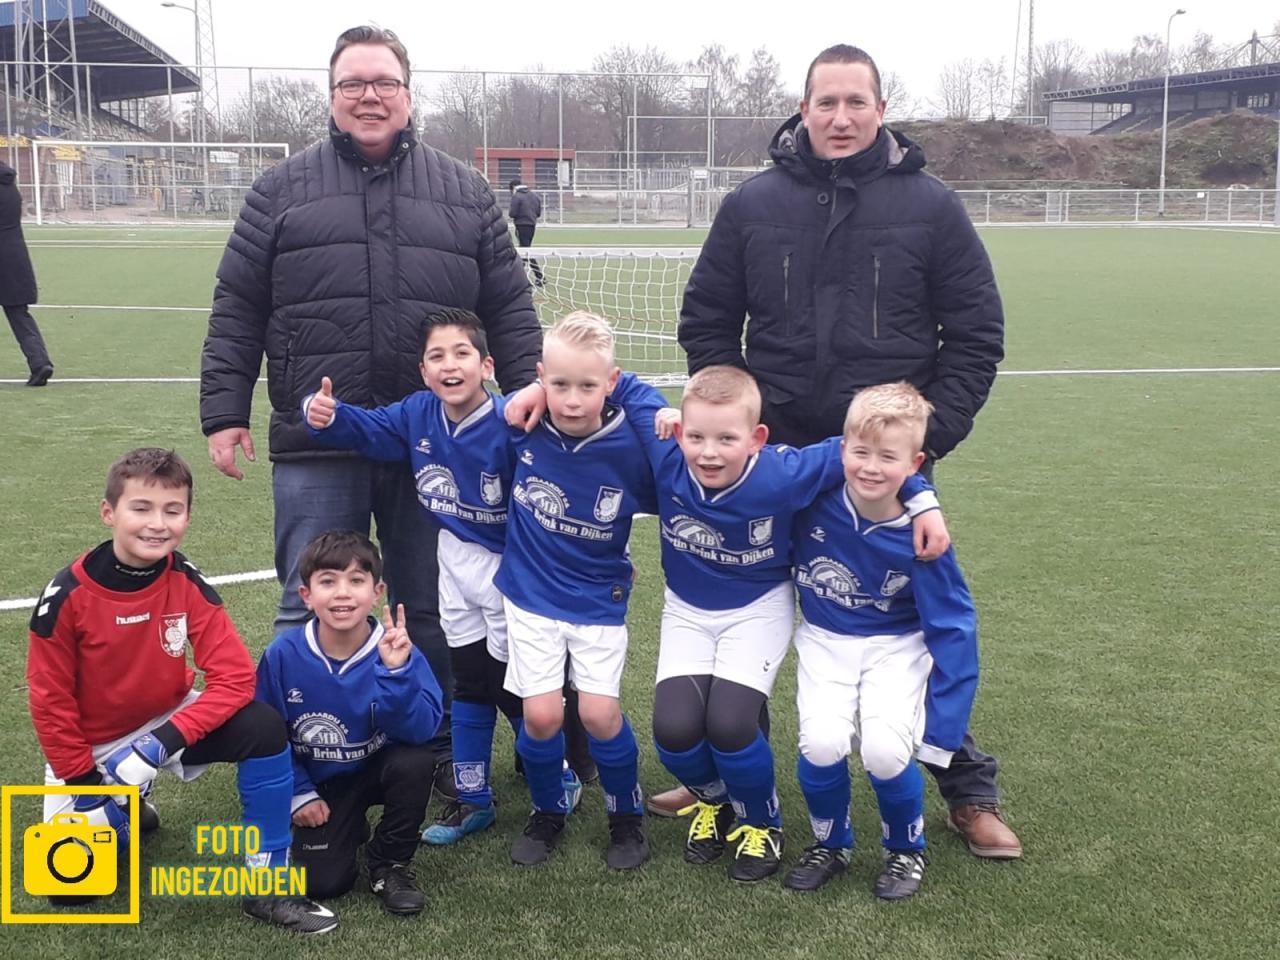 https://www.ditisroden.nl/afbeeldingen/1544960936Photo_1544960900425.jpg